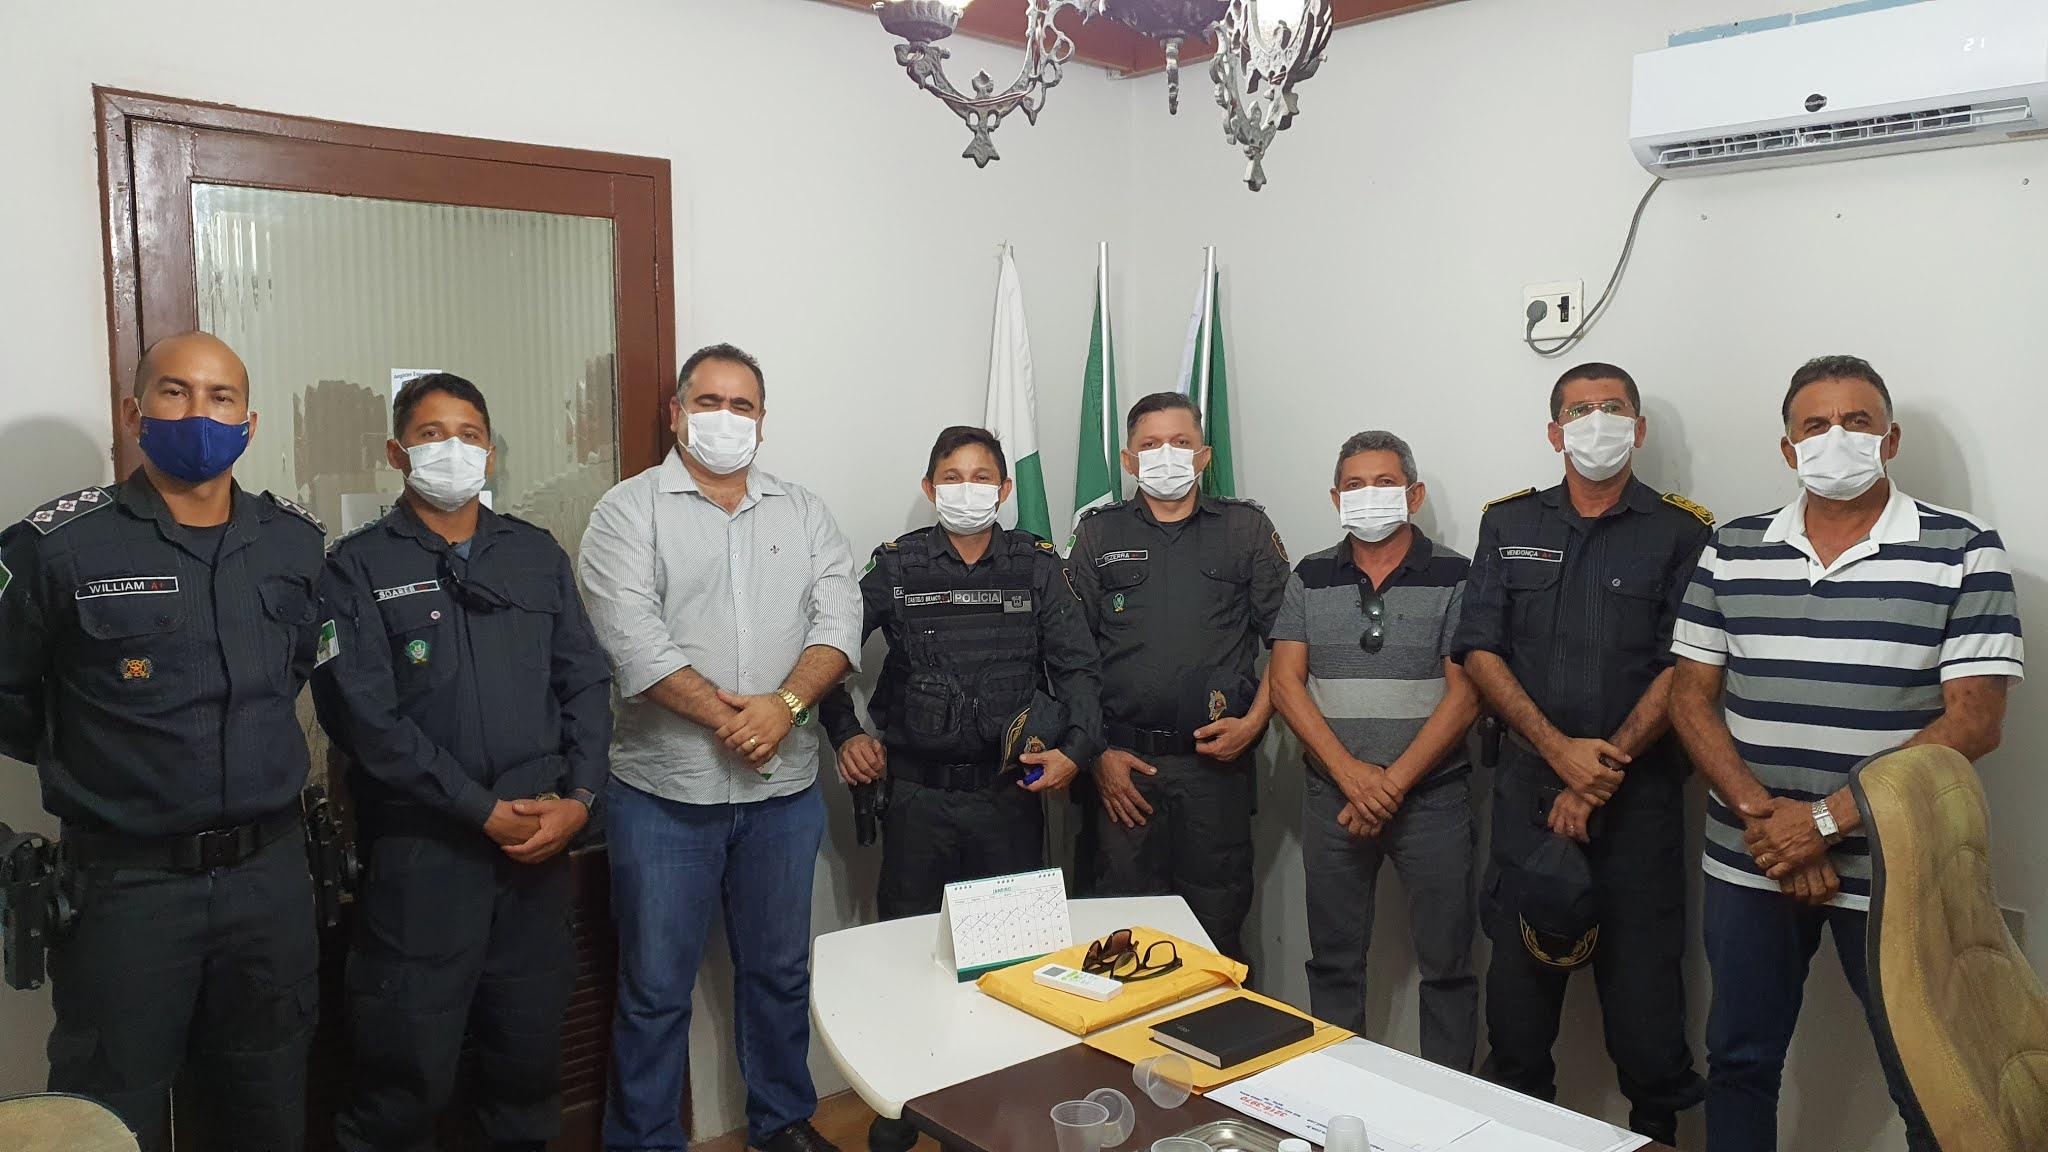 Prefeito Pinheiro Neto recebe membros da alta cúpula da Policia Militar do RN e solicita mais segurança para Angicos